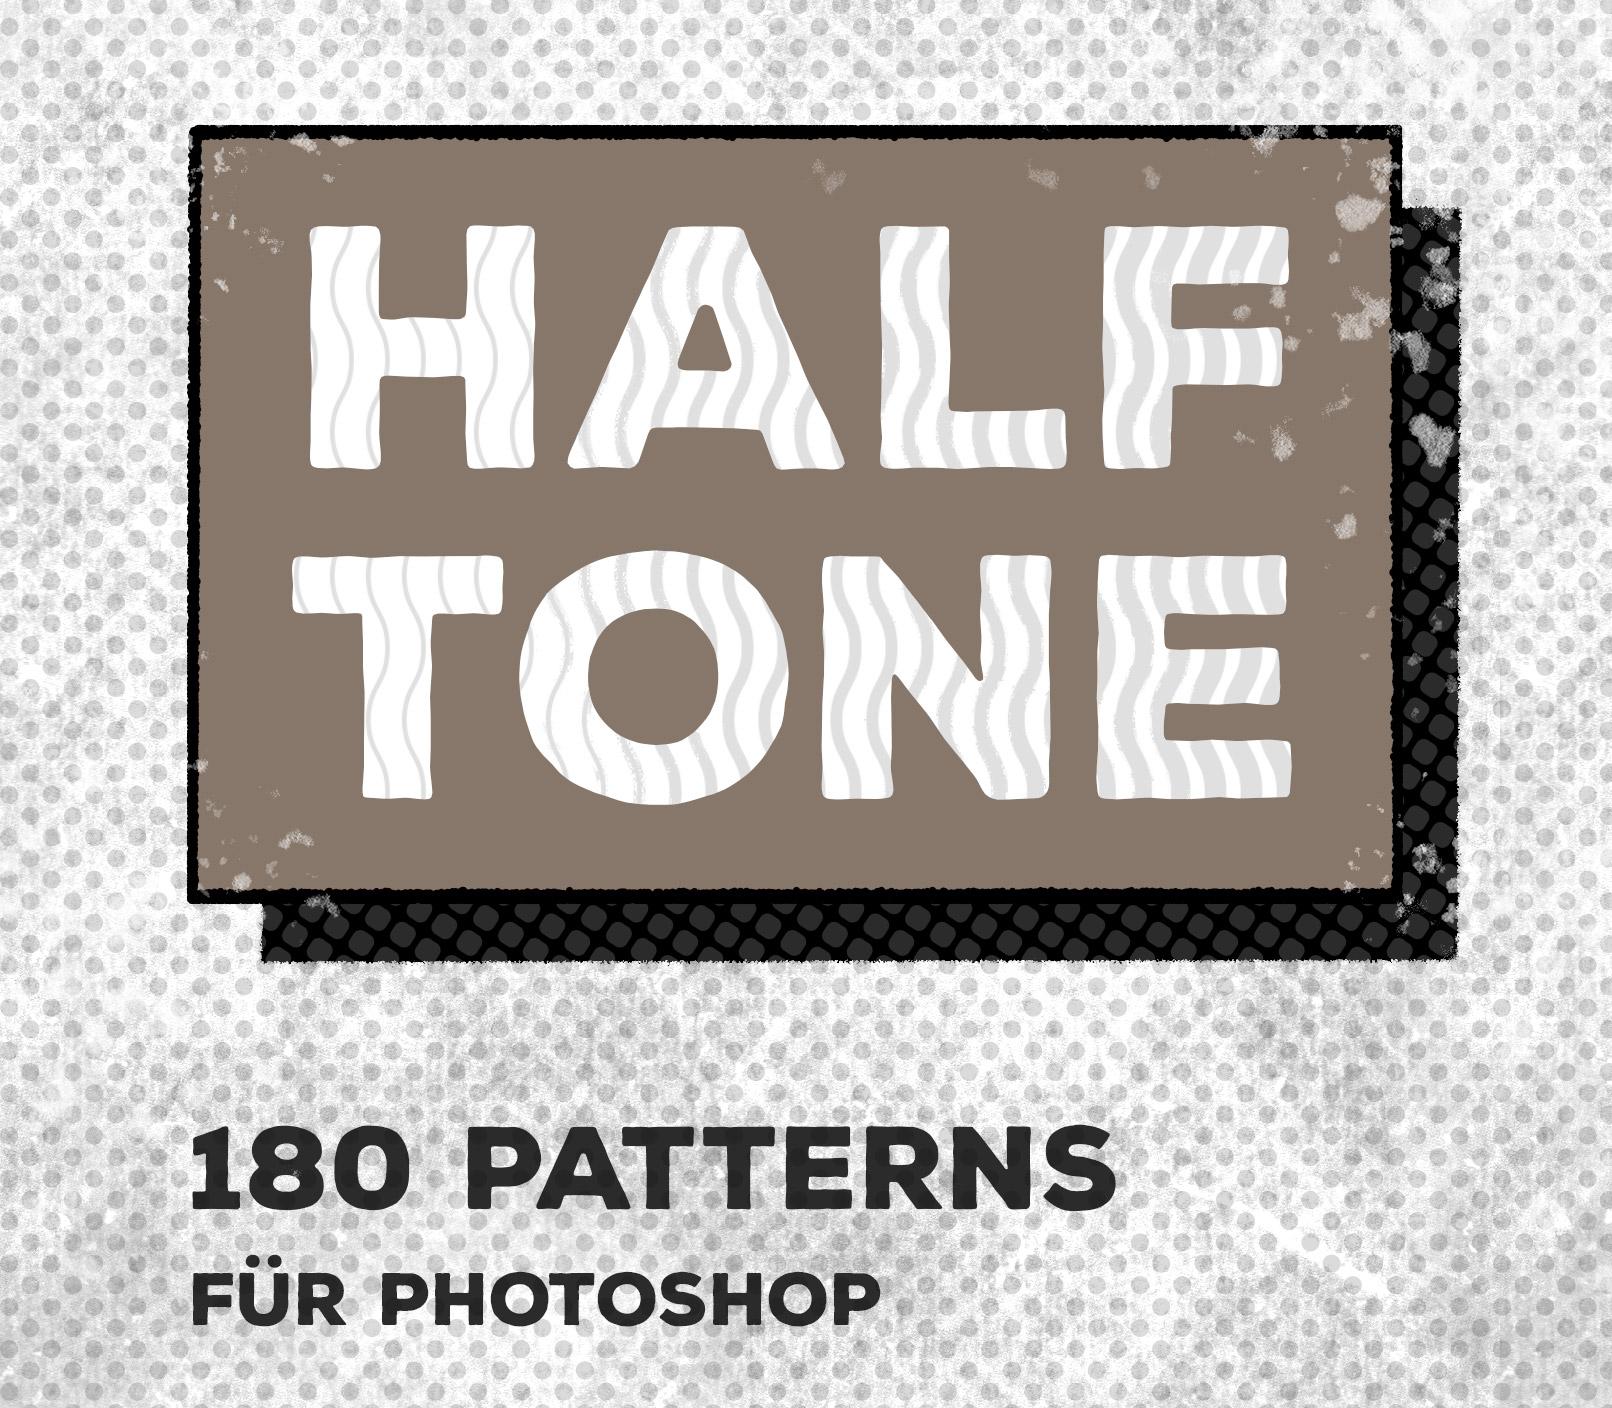 Schriftzüge mit Halftone Patterns, erstellt in Photoshop